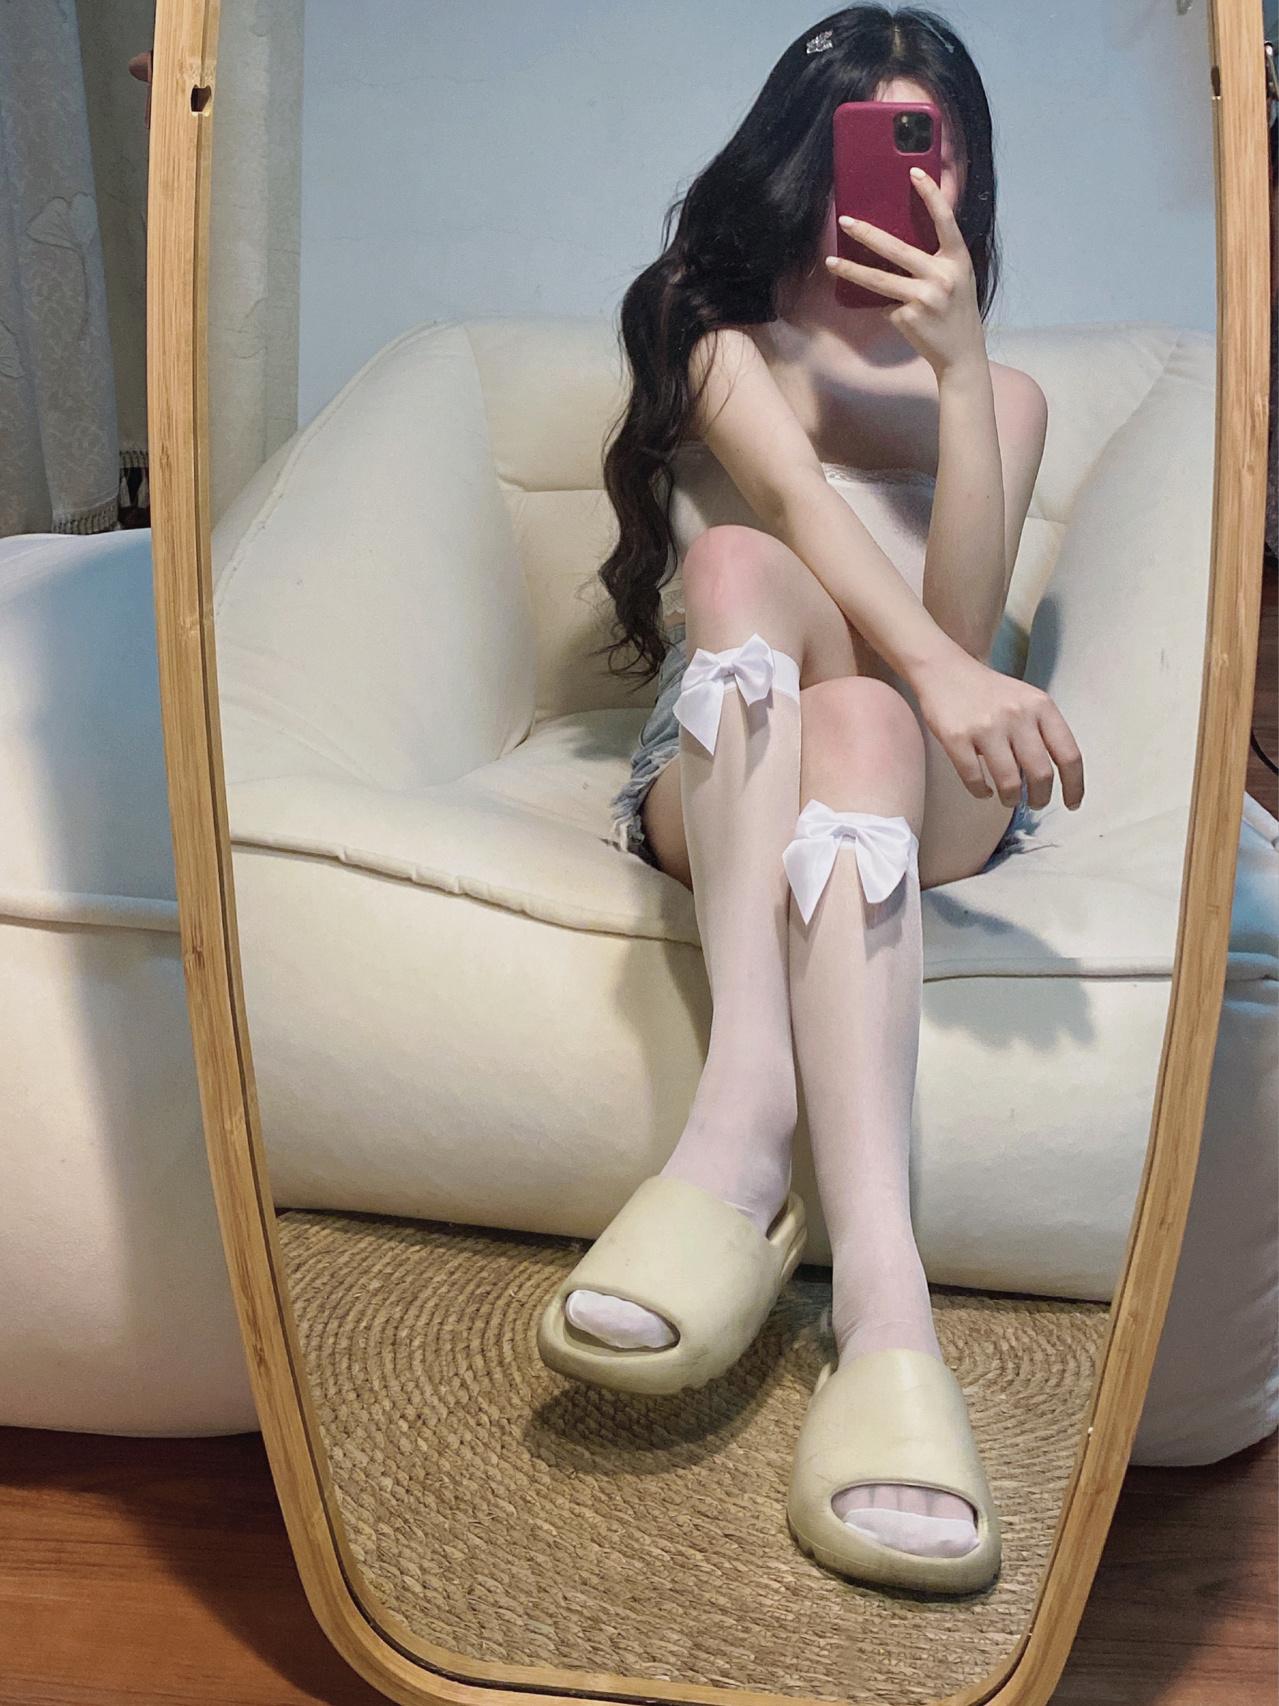 拖鞋配白丝 简直又纯又欲